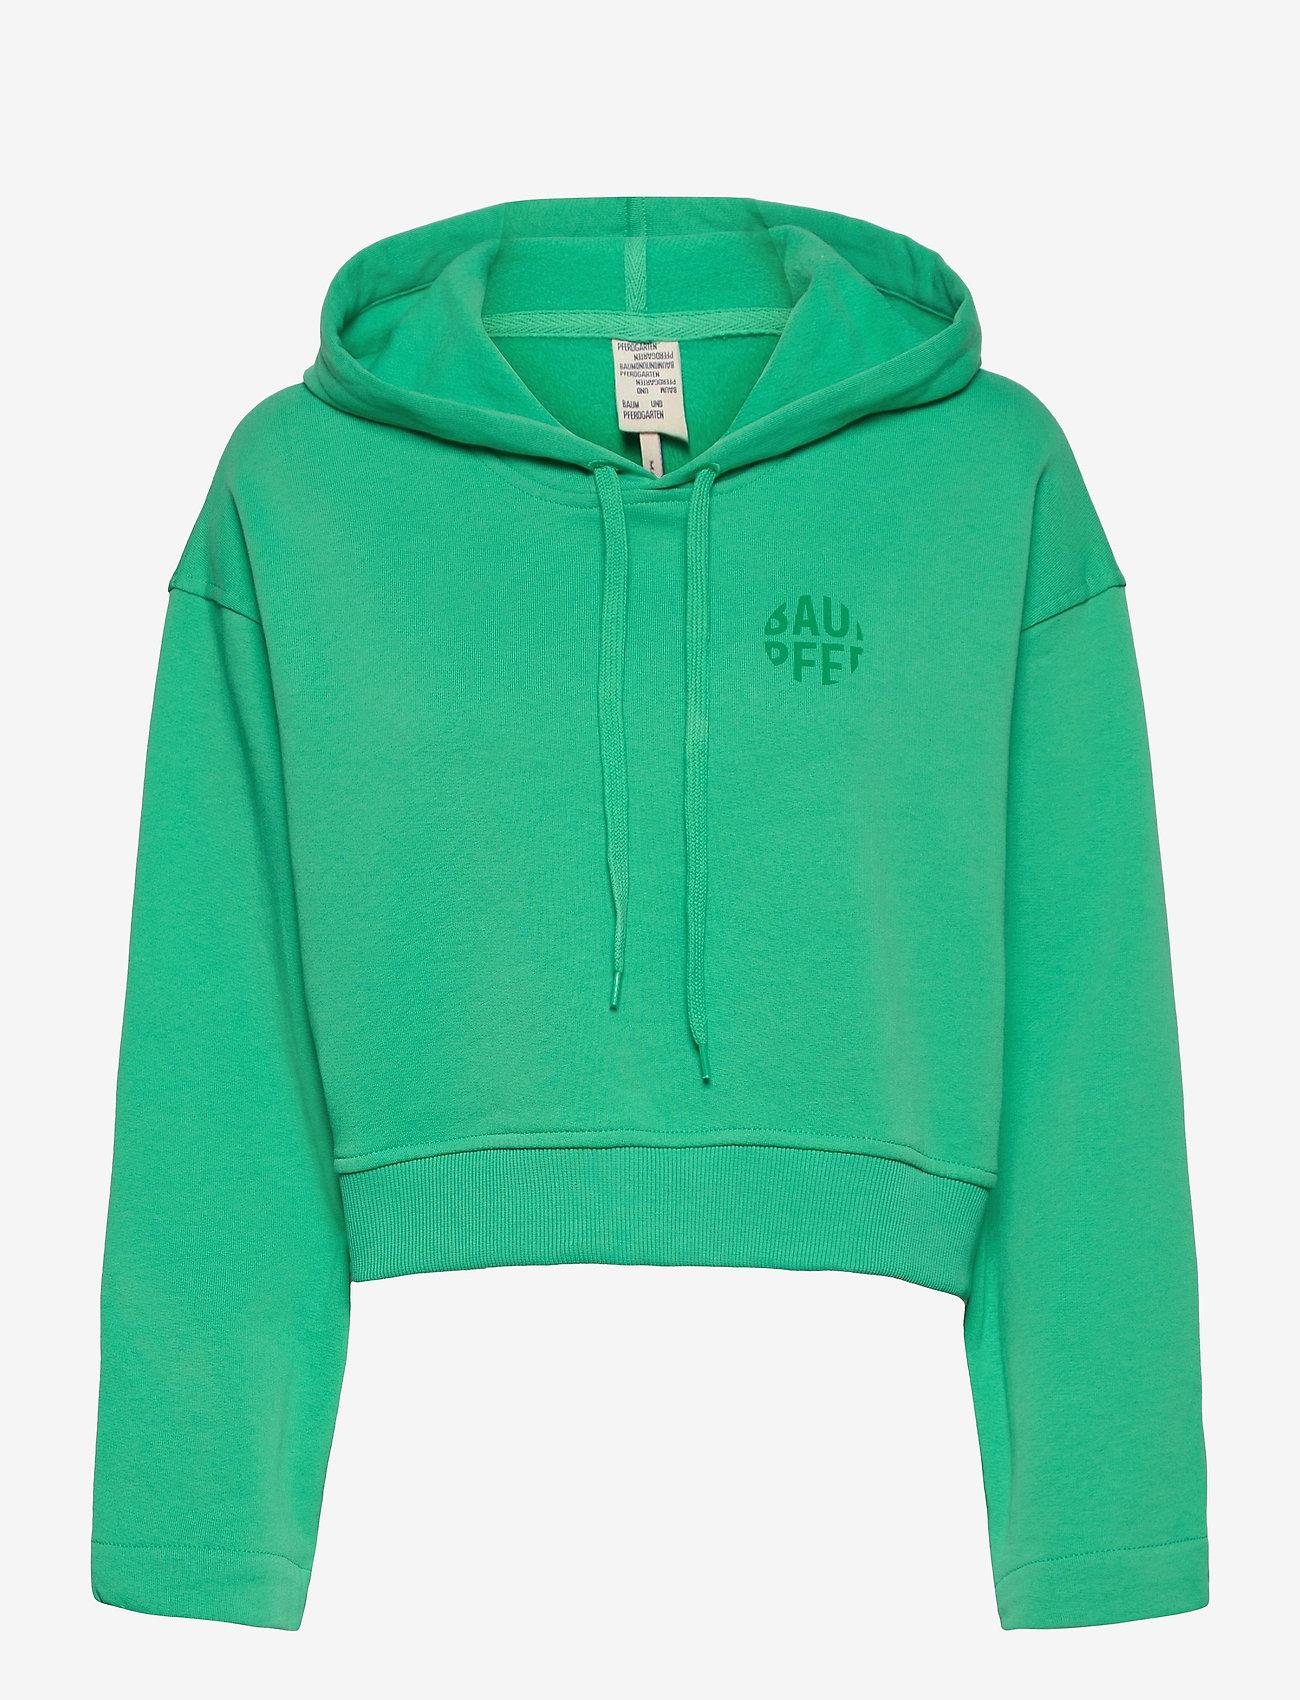 Baum und Pferdgarten - JEROMA - sweatshirts & hoodies - gumdrop green - 0